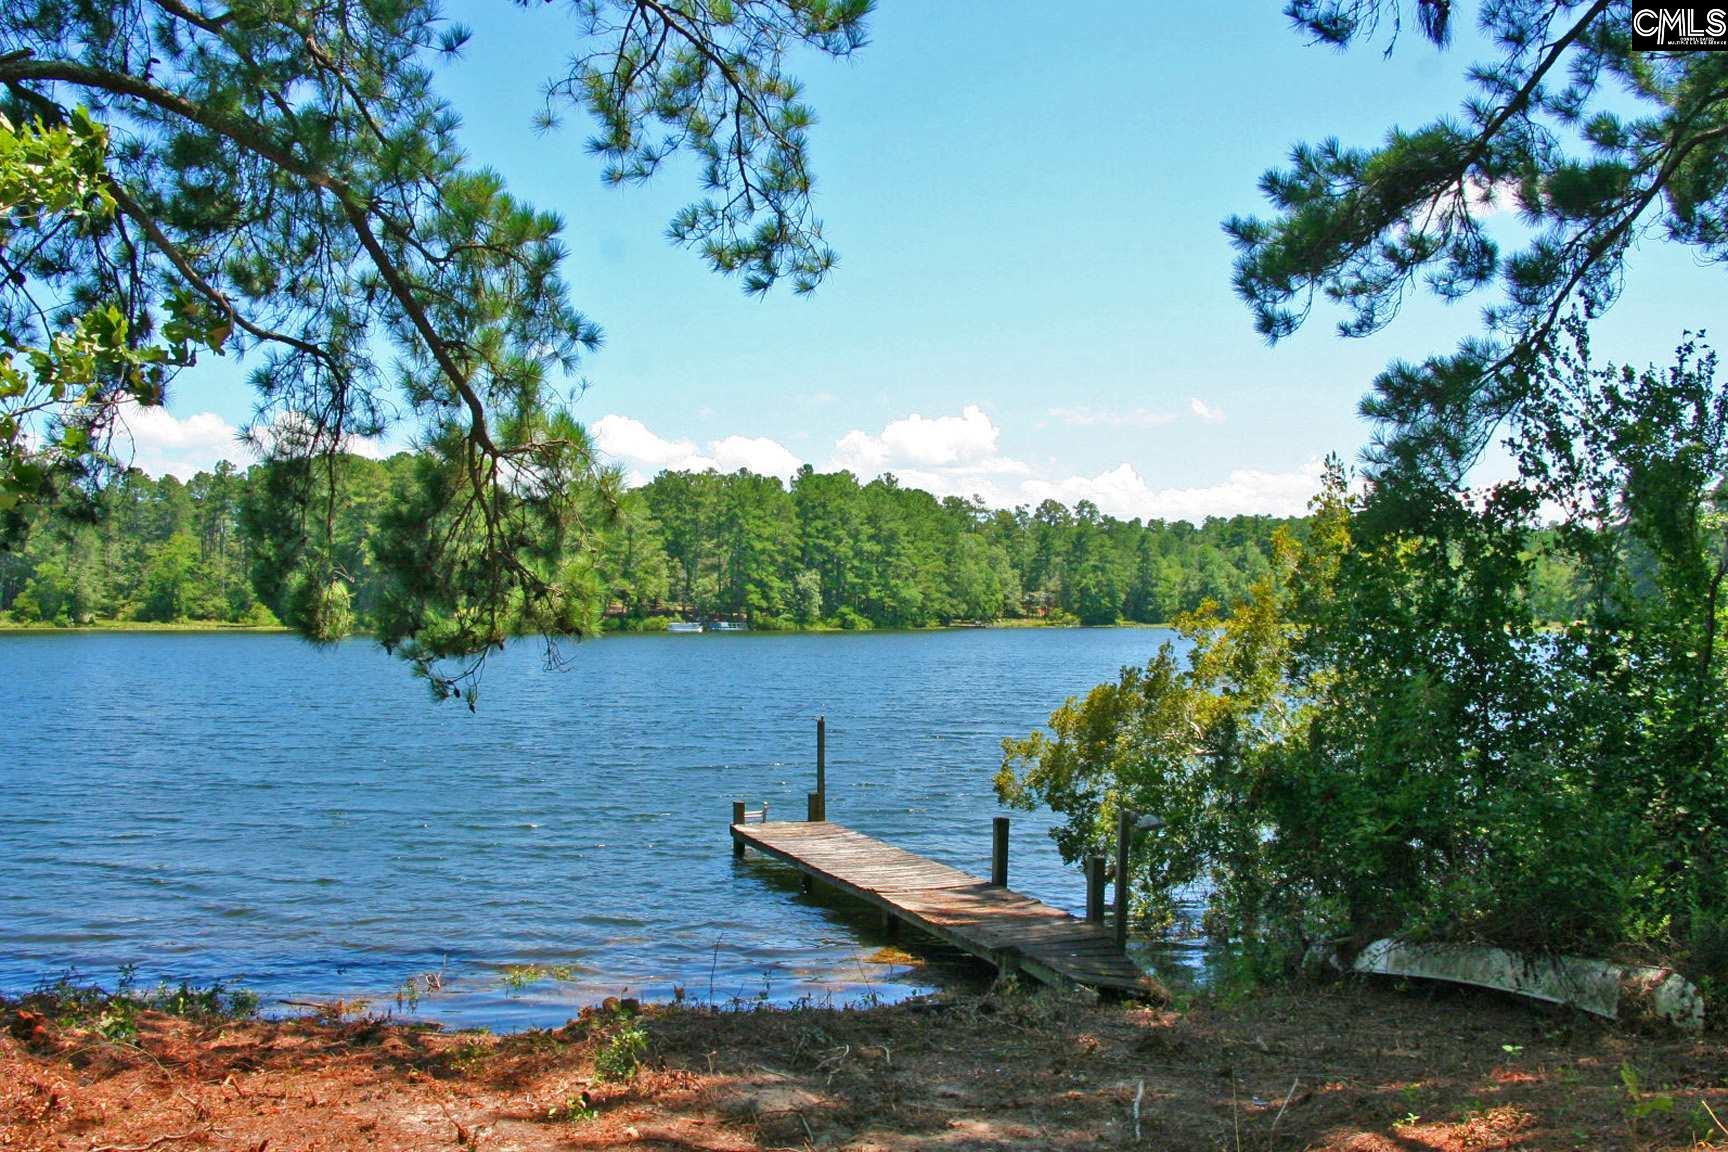 TBD Edisto Lake #48 Wagener, SC 29164